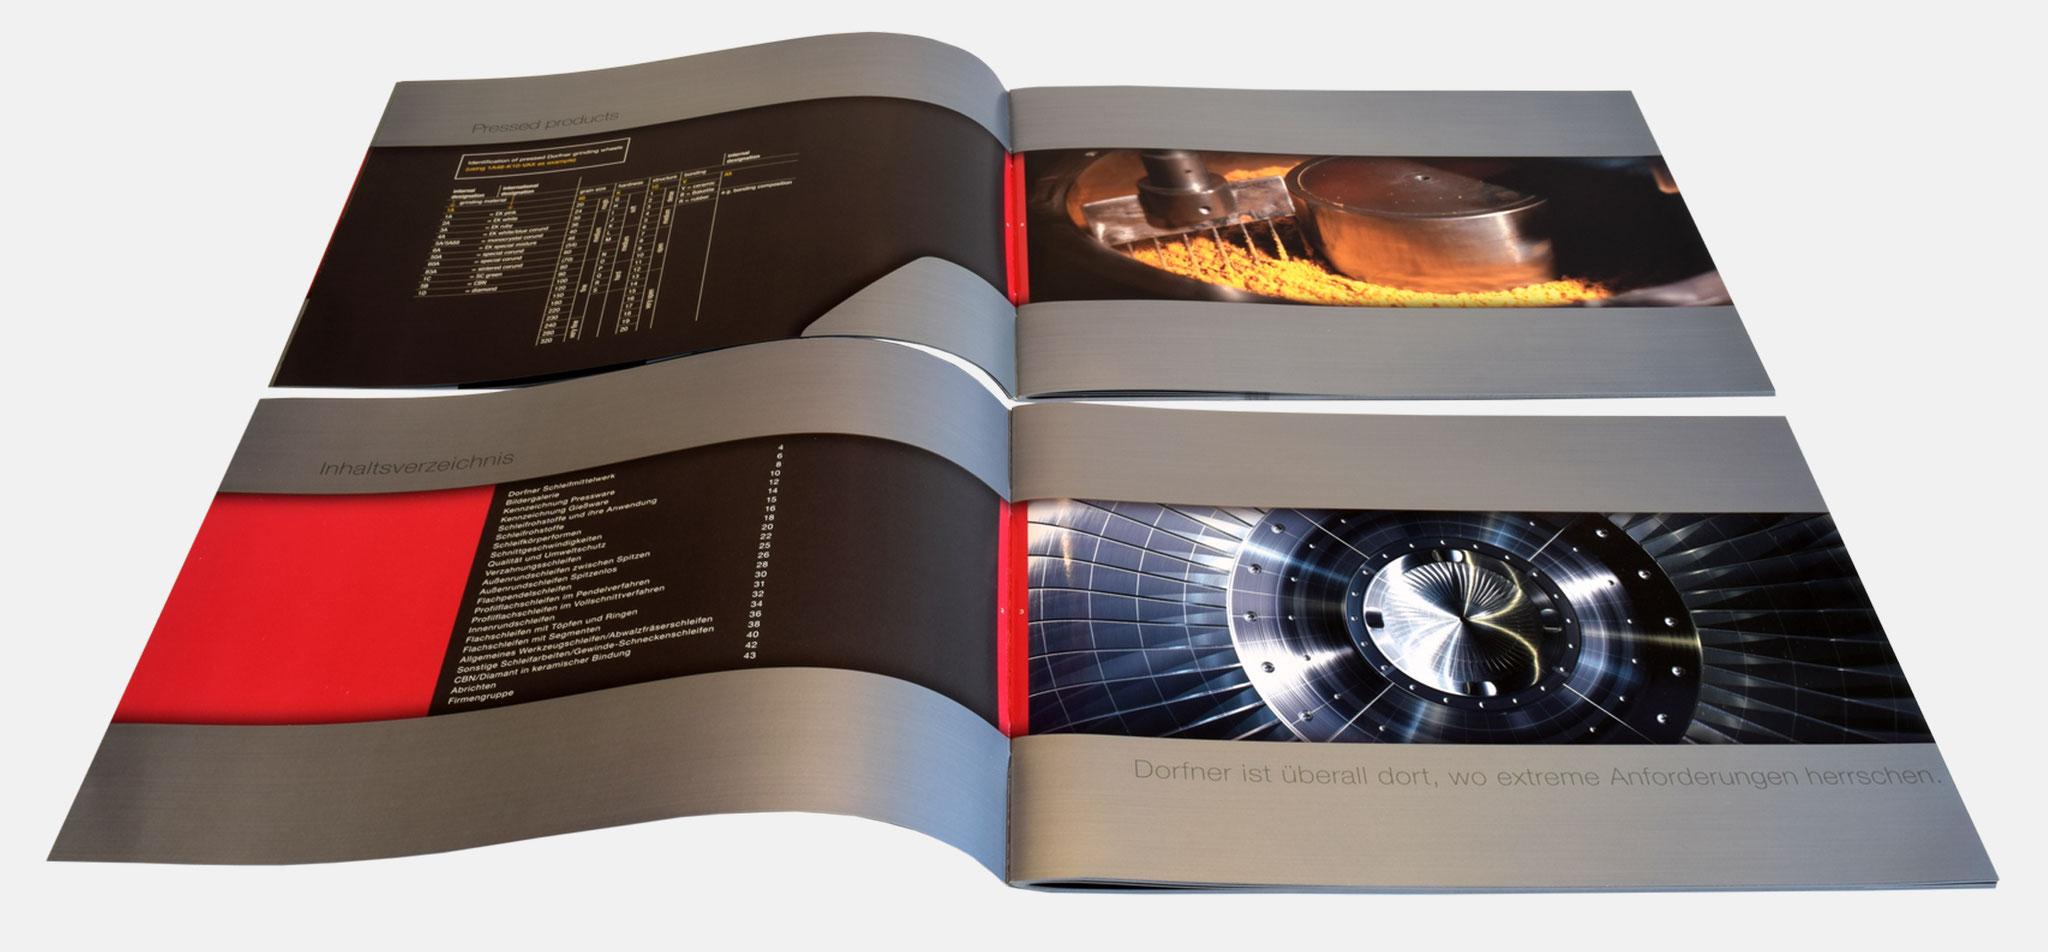 DORFNER | corporate design – infragrau, gute gestaltung